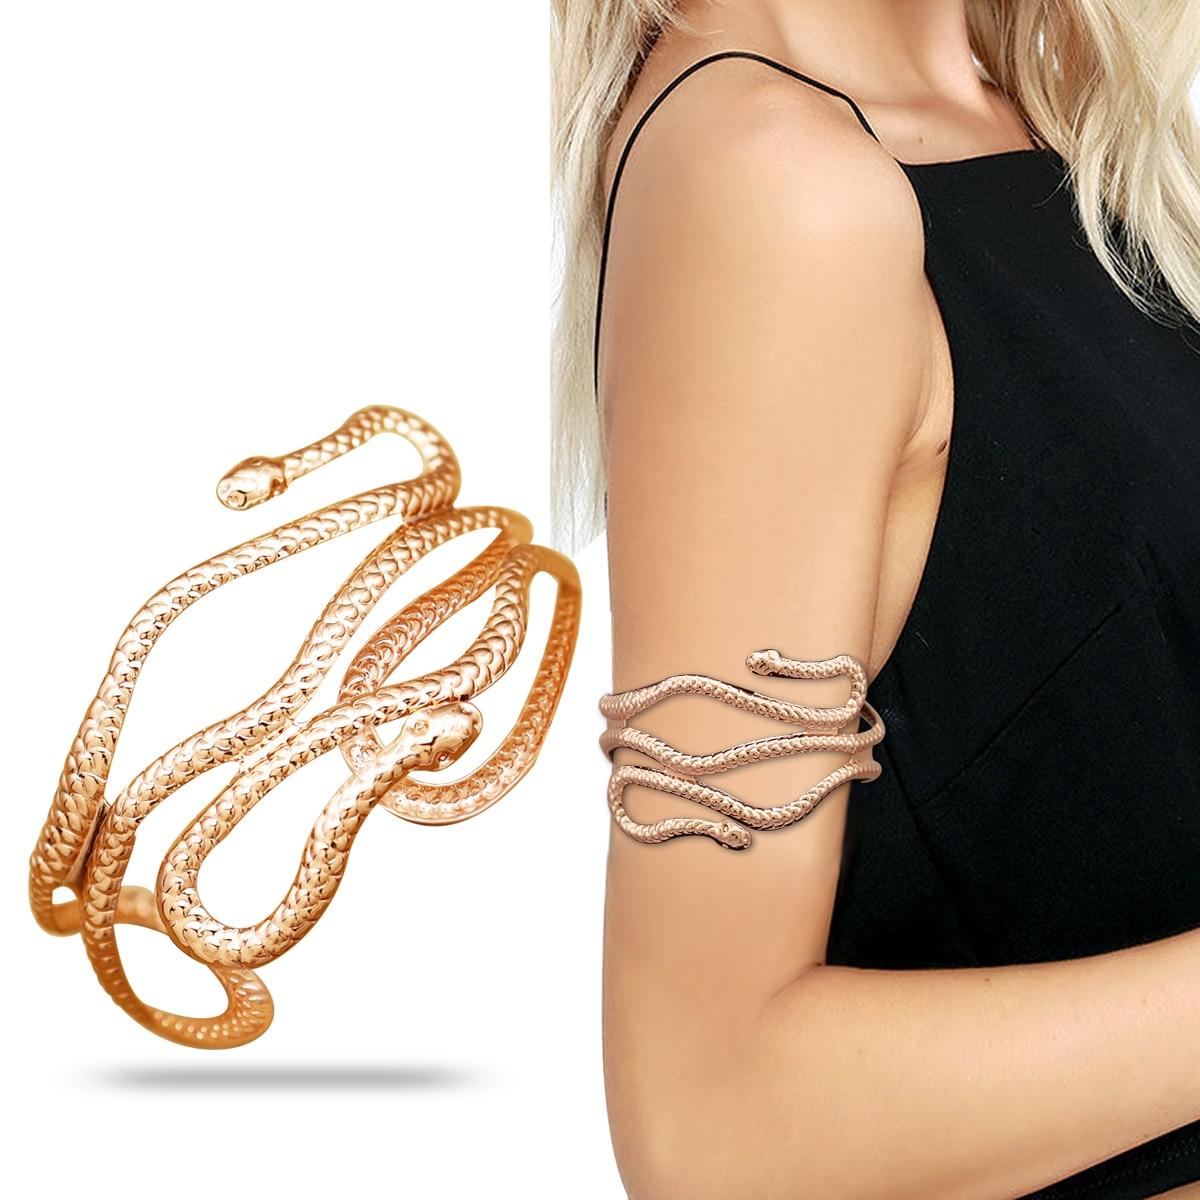 H709c0b83eadc473198d715f4eb0cf224f Prata banhado a ouro grego folha de louro pulseira braçadeira braço superior manguito armlet festival nupcial dança do ventre jóias